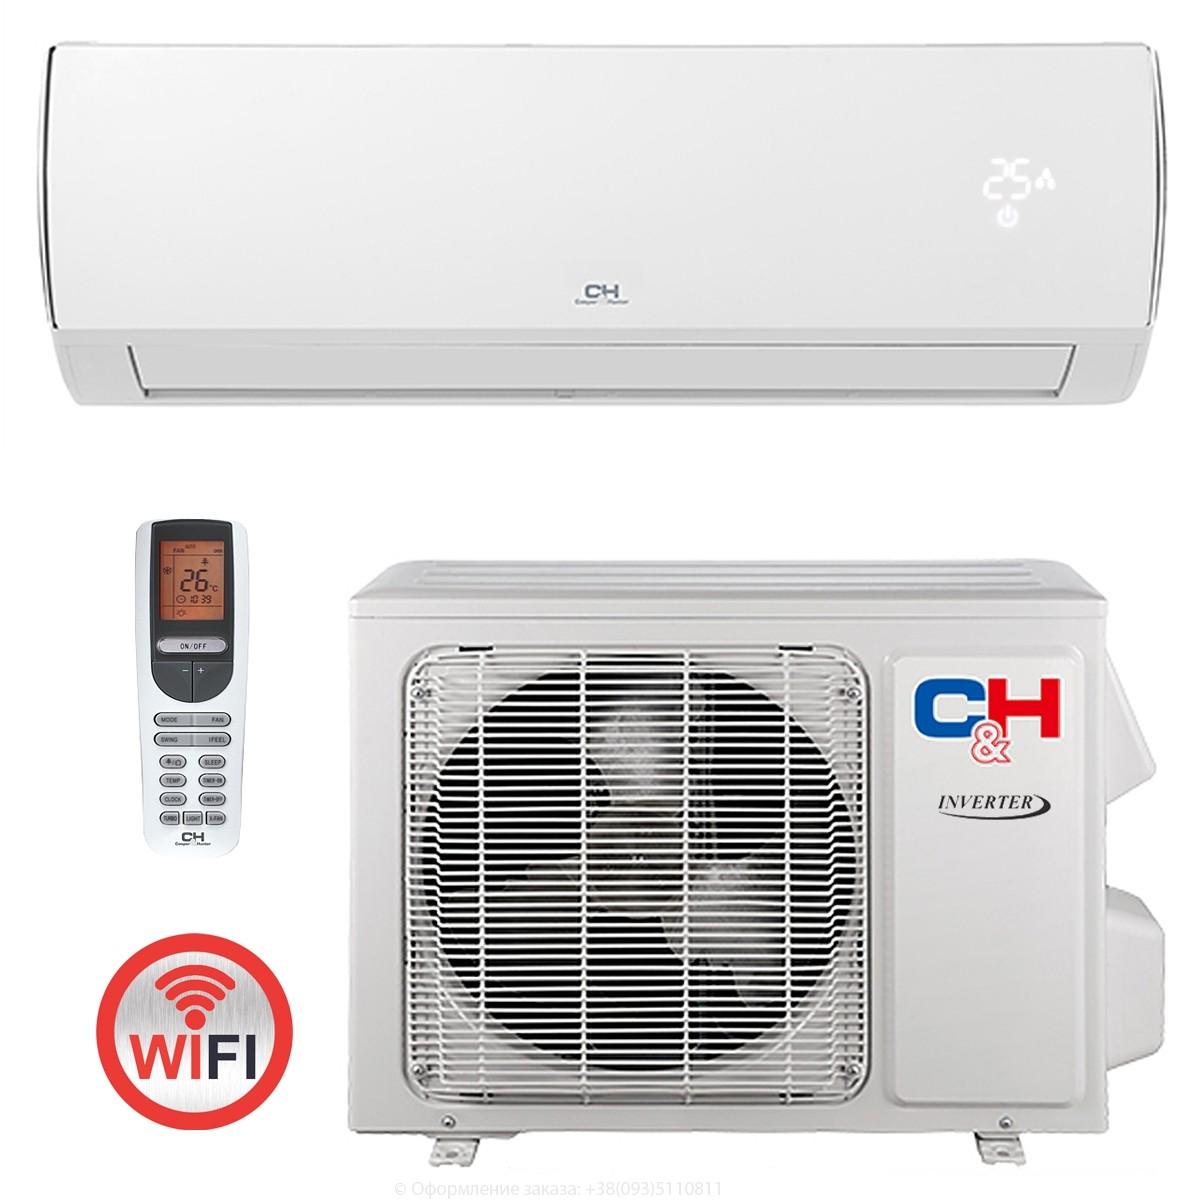 Кондиционер Cooper&Hunter CH-S18FTXQ Wi-Fi